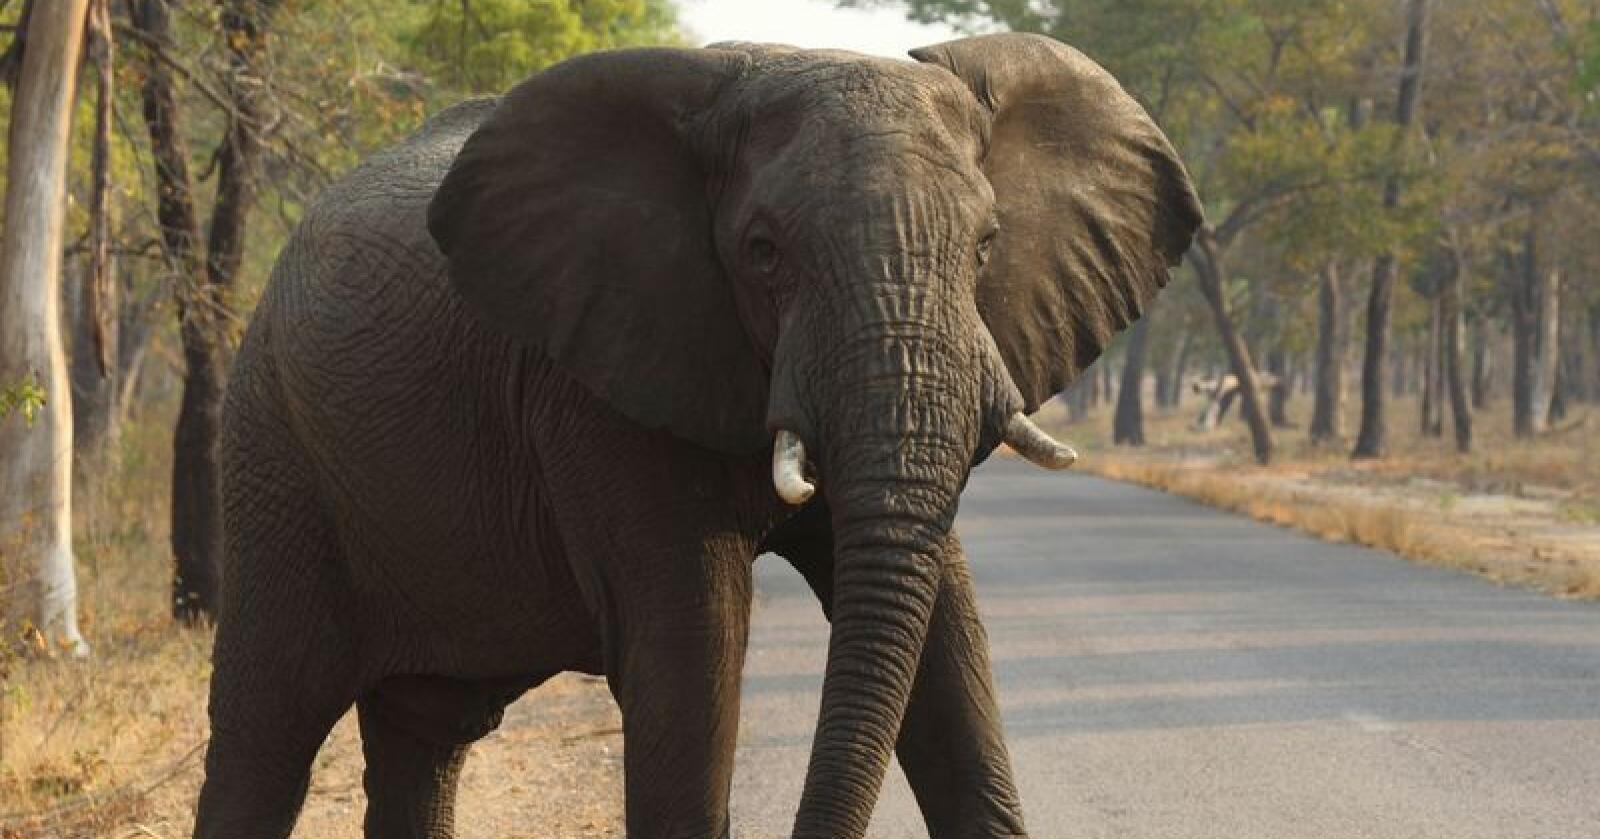 En elefant krysser en vei i Hwange nasjonalpark i Zimbabwe. Landet er rammet av omfattende tørke, noe som har ført til at mange elefanter har omkommet de siste par månedene. Foto: AP / NTB scanpix